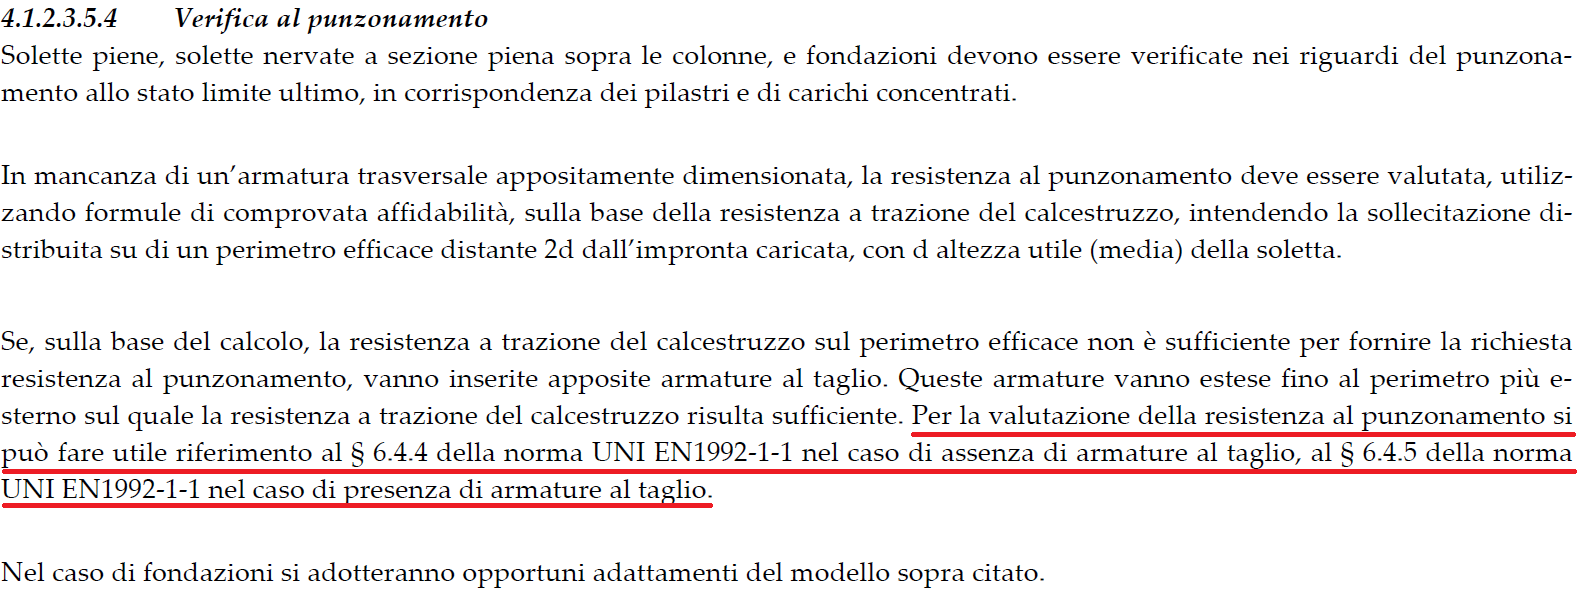 Paragrafo 4.1.2.3.5.4 delle NTC'18